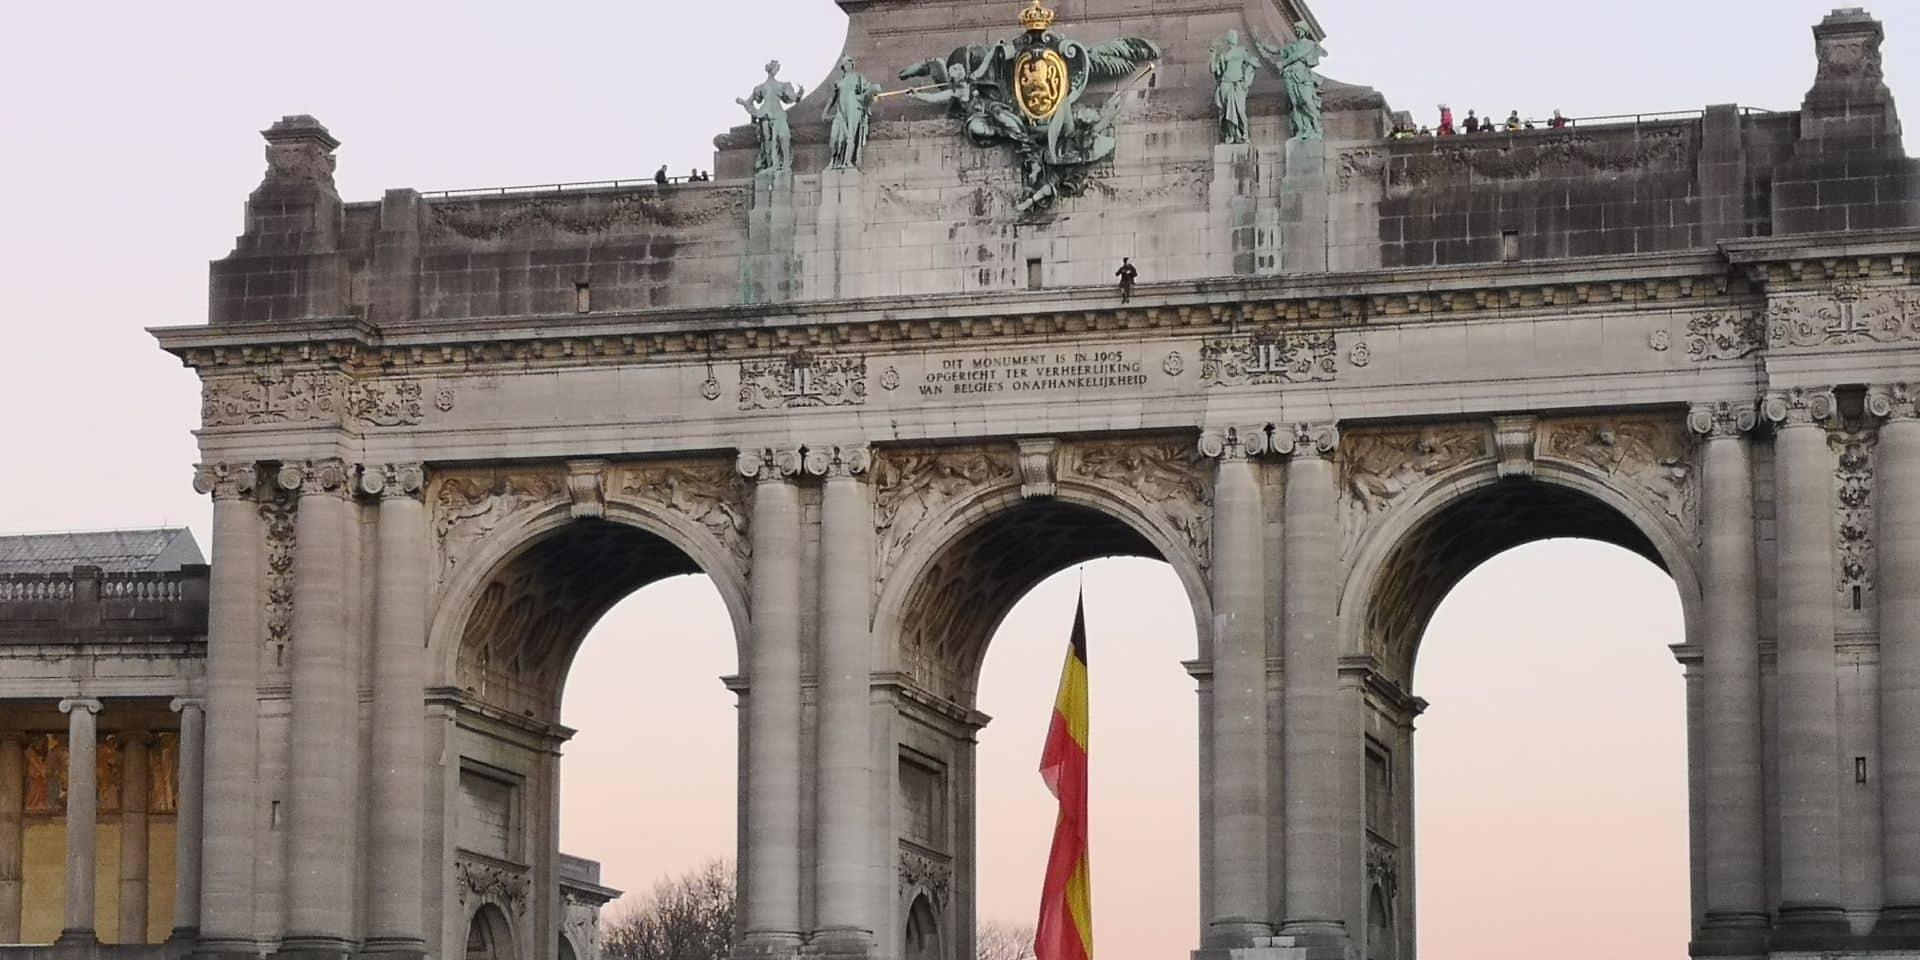 Le Cinquantenaire quadrillé : un homme assis les pieds dans le vide sur les arches